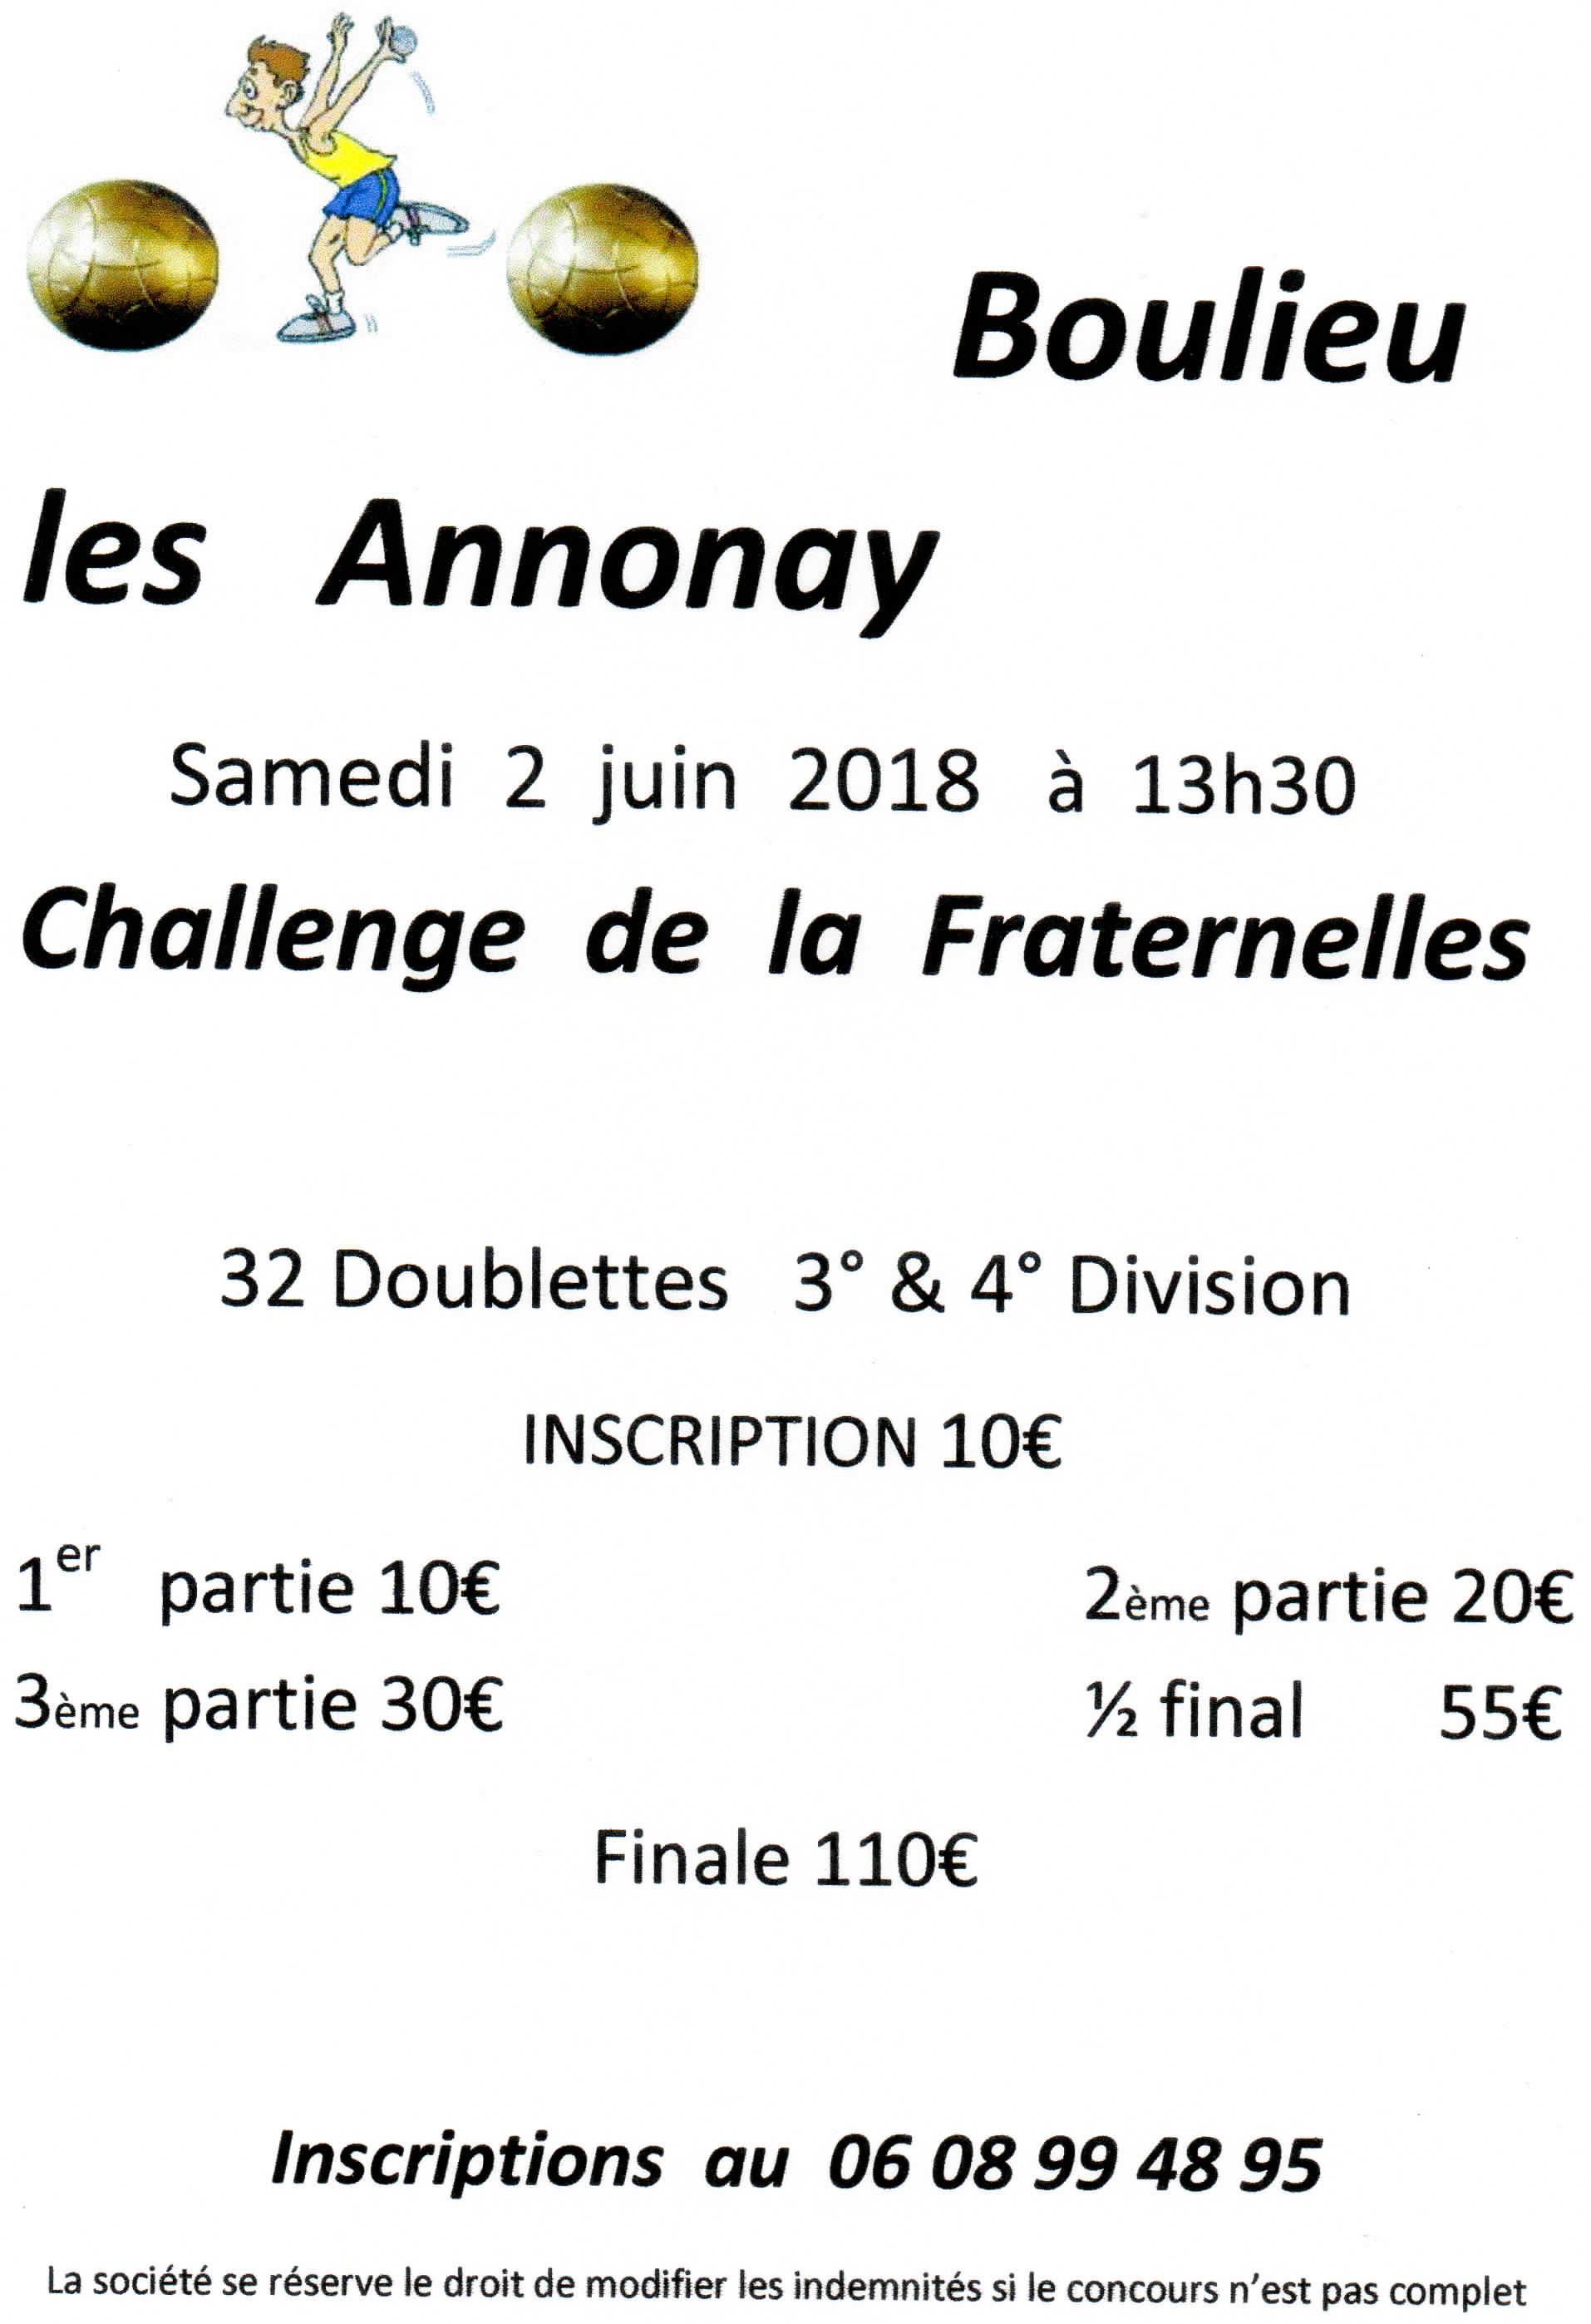 Inscrivez-vous à Boulieu les Annonay